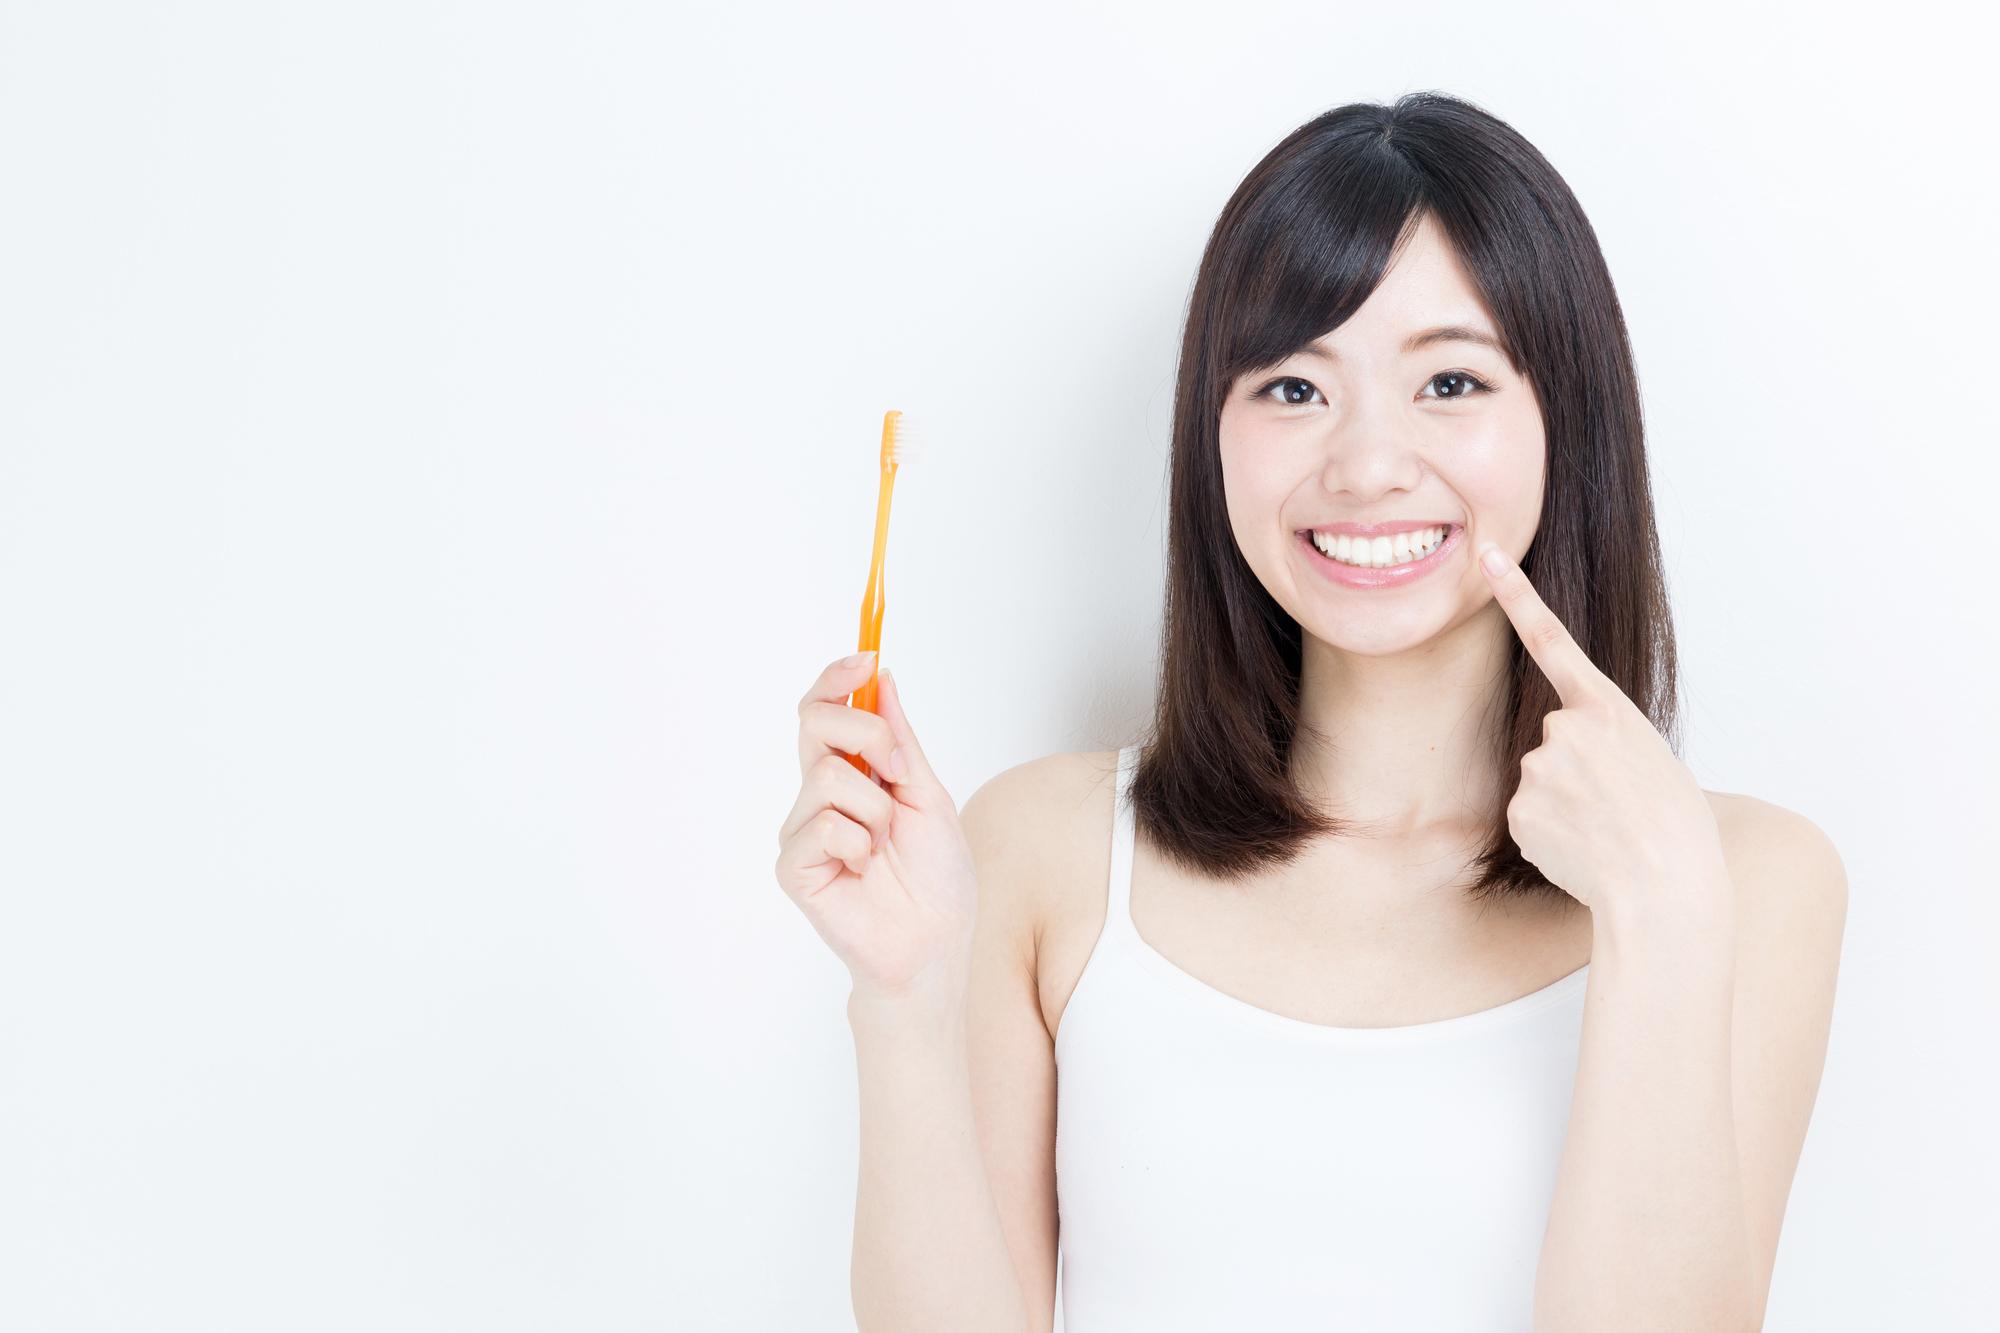 健康な歯を長く保てる